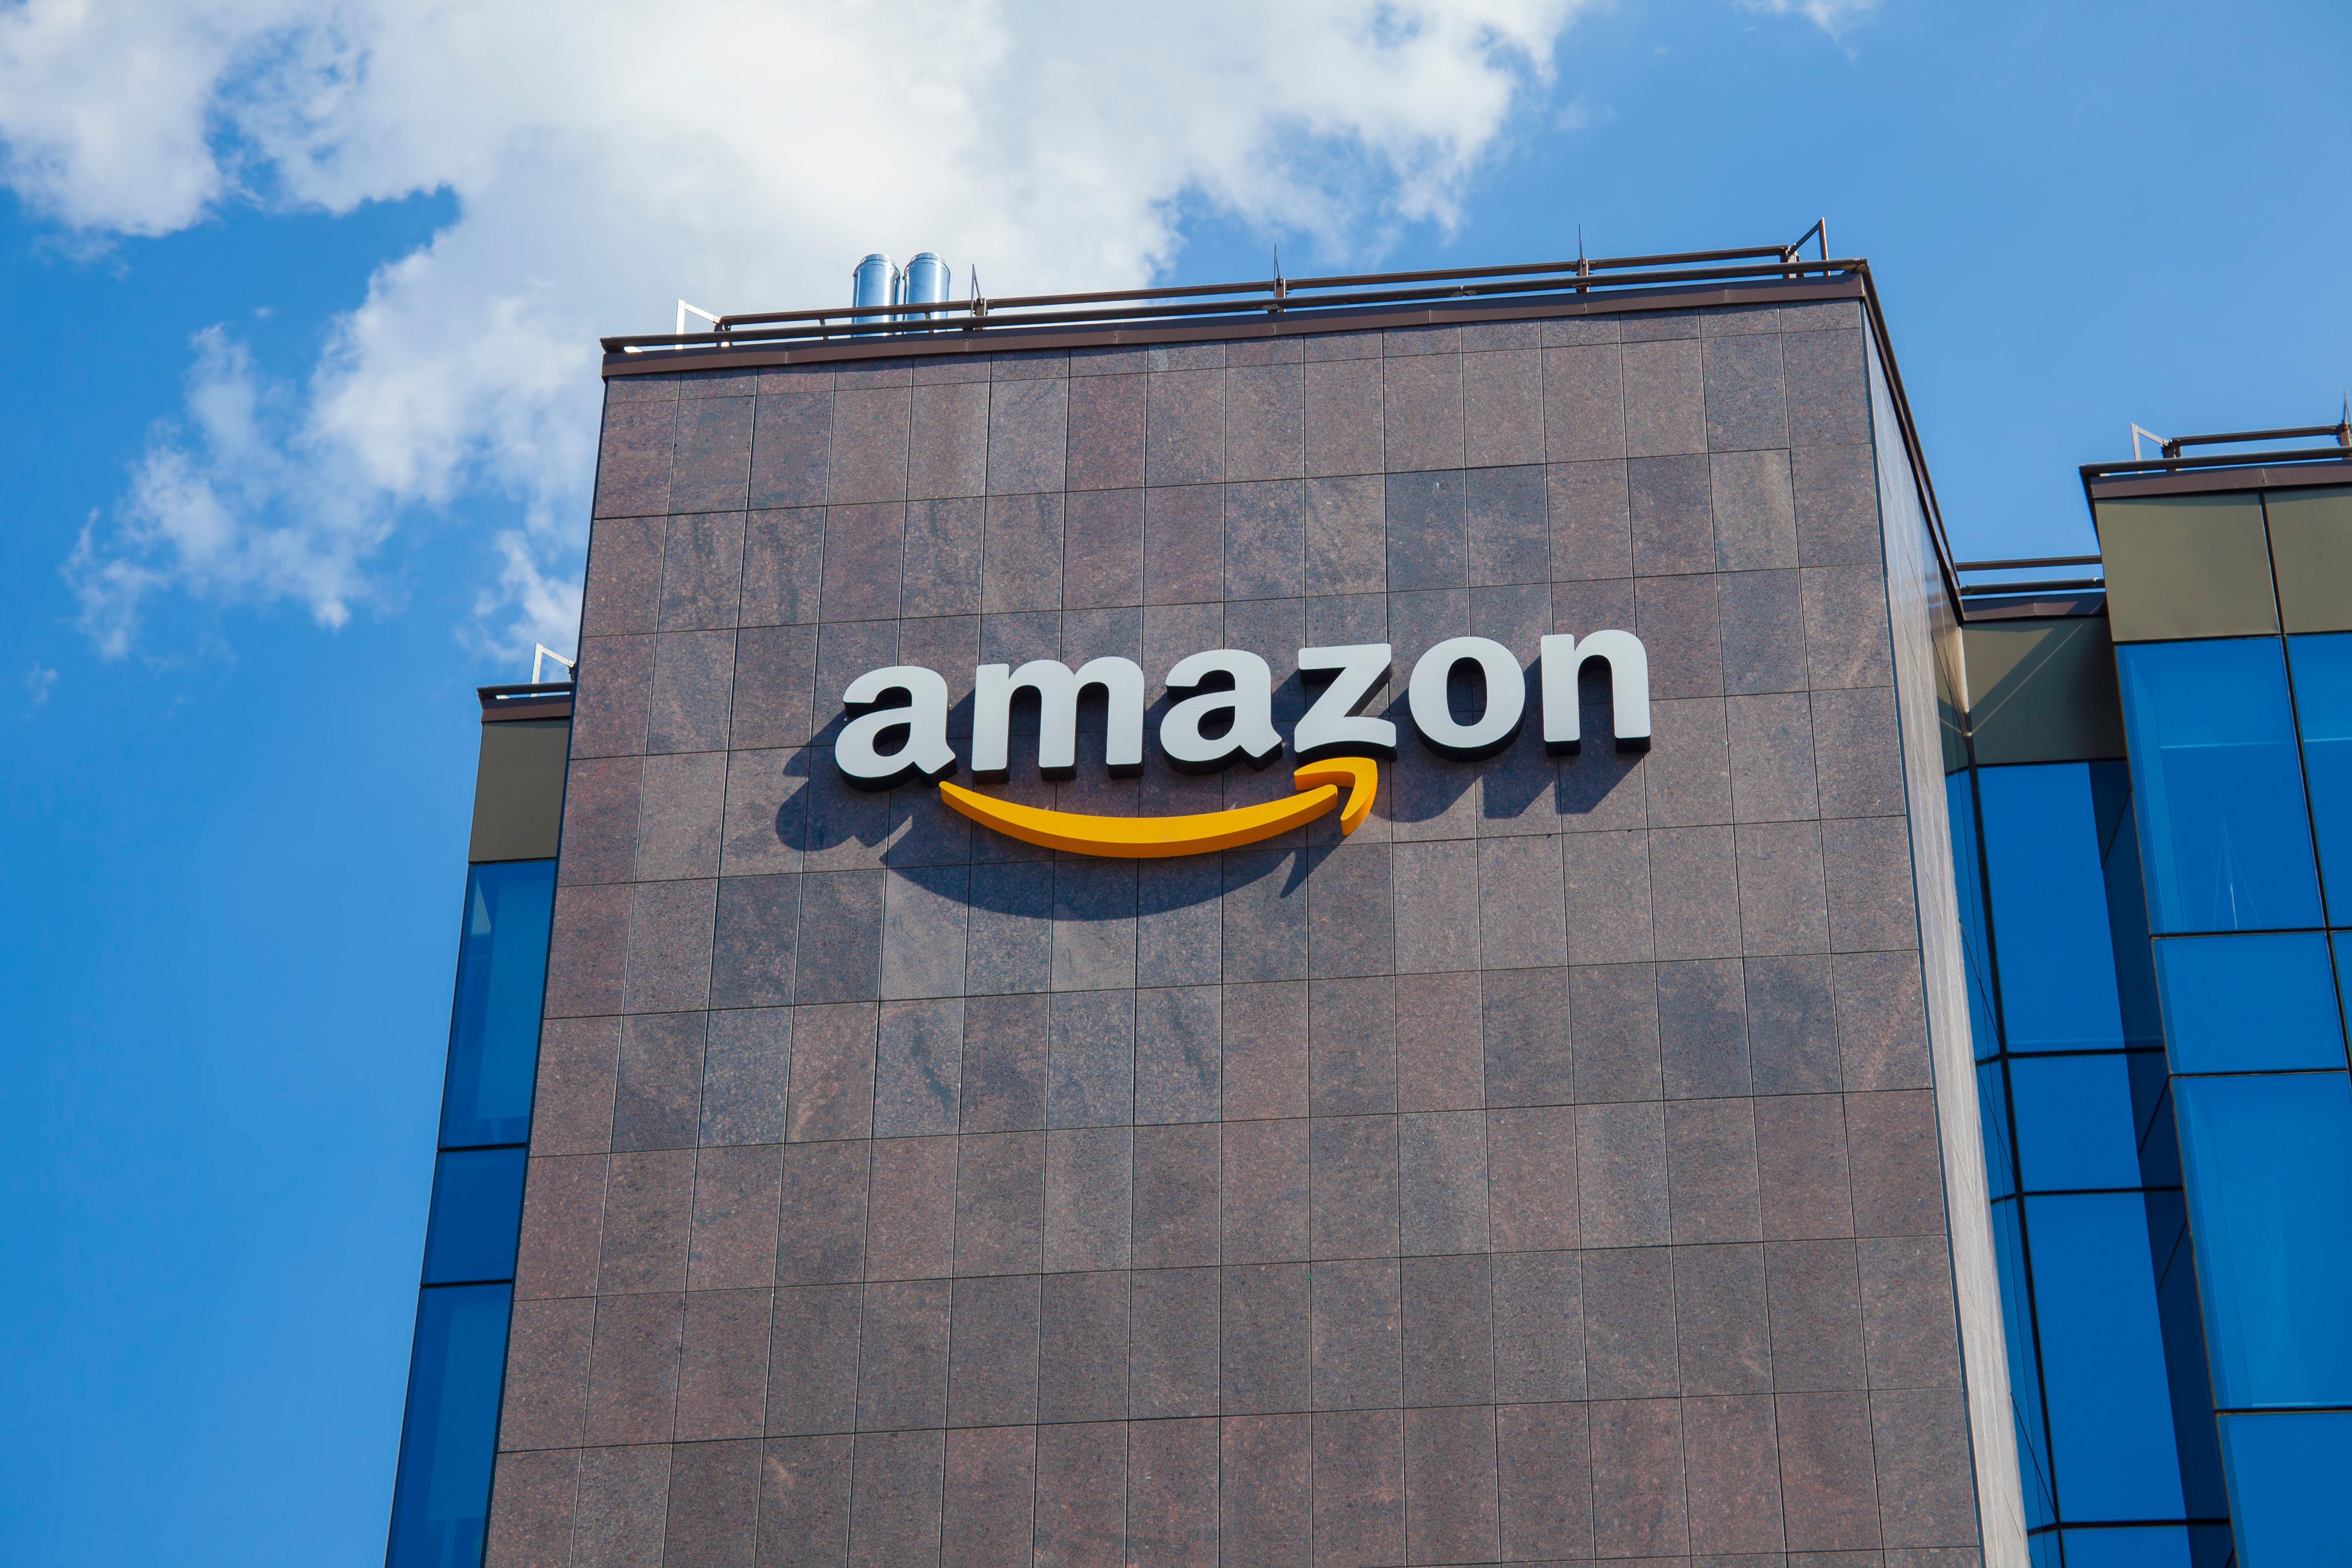 Das neue Amazon-Wearable mit Alexa kann Gefühle erkennen